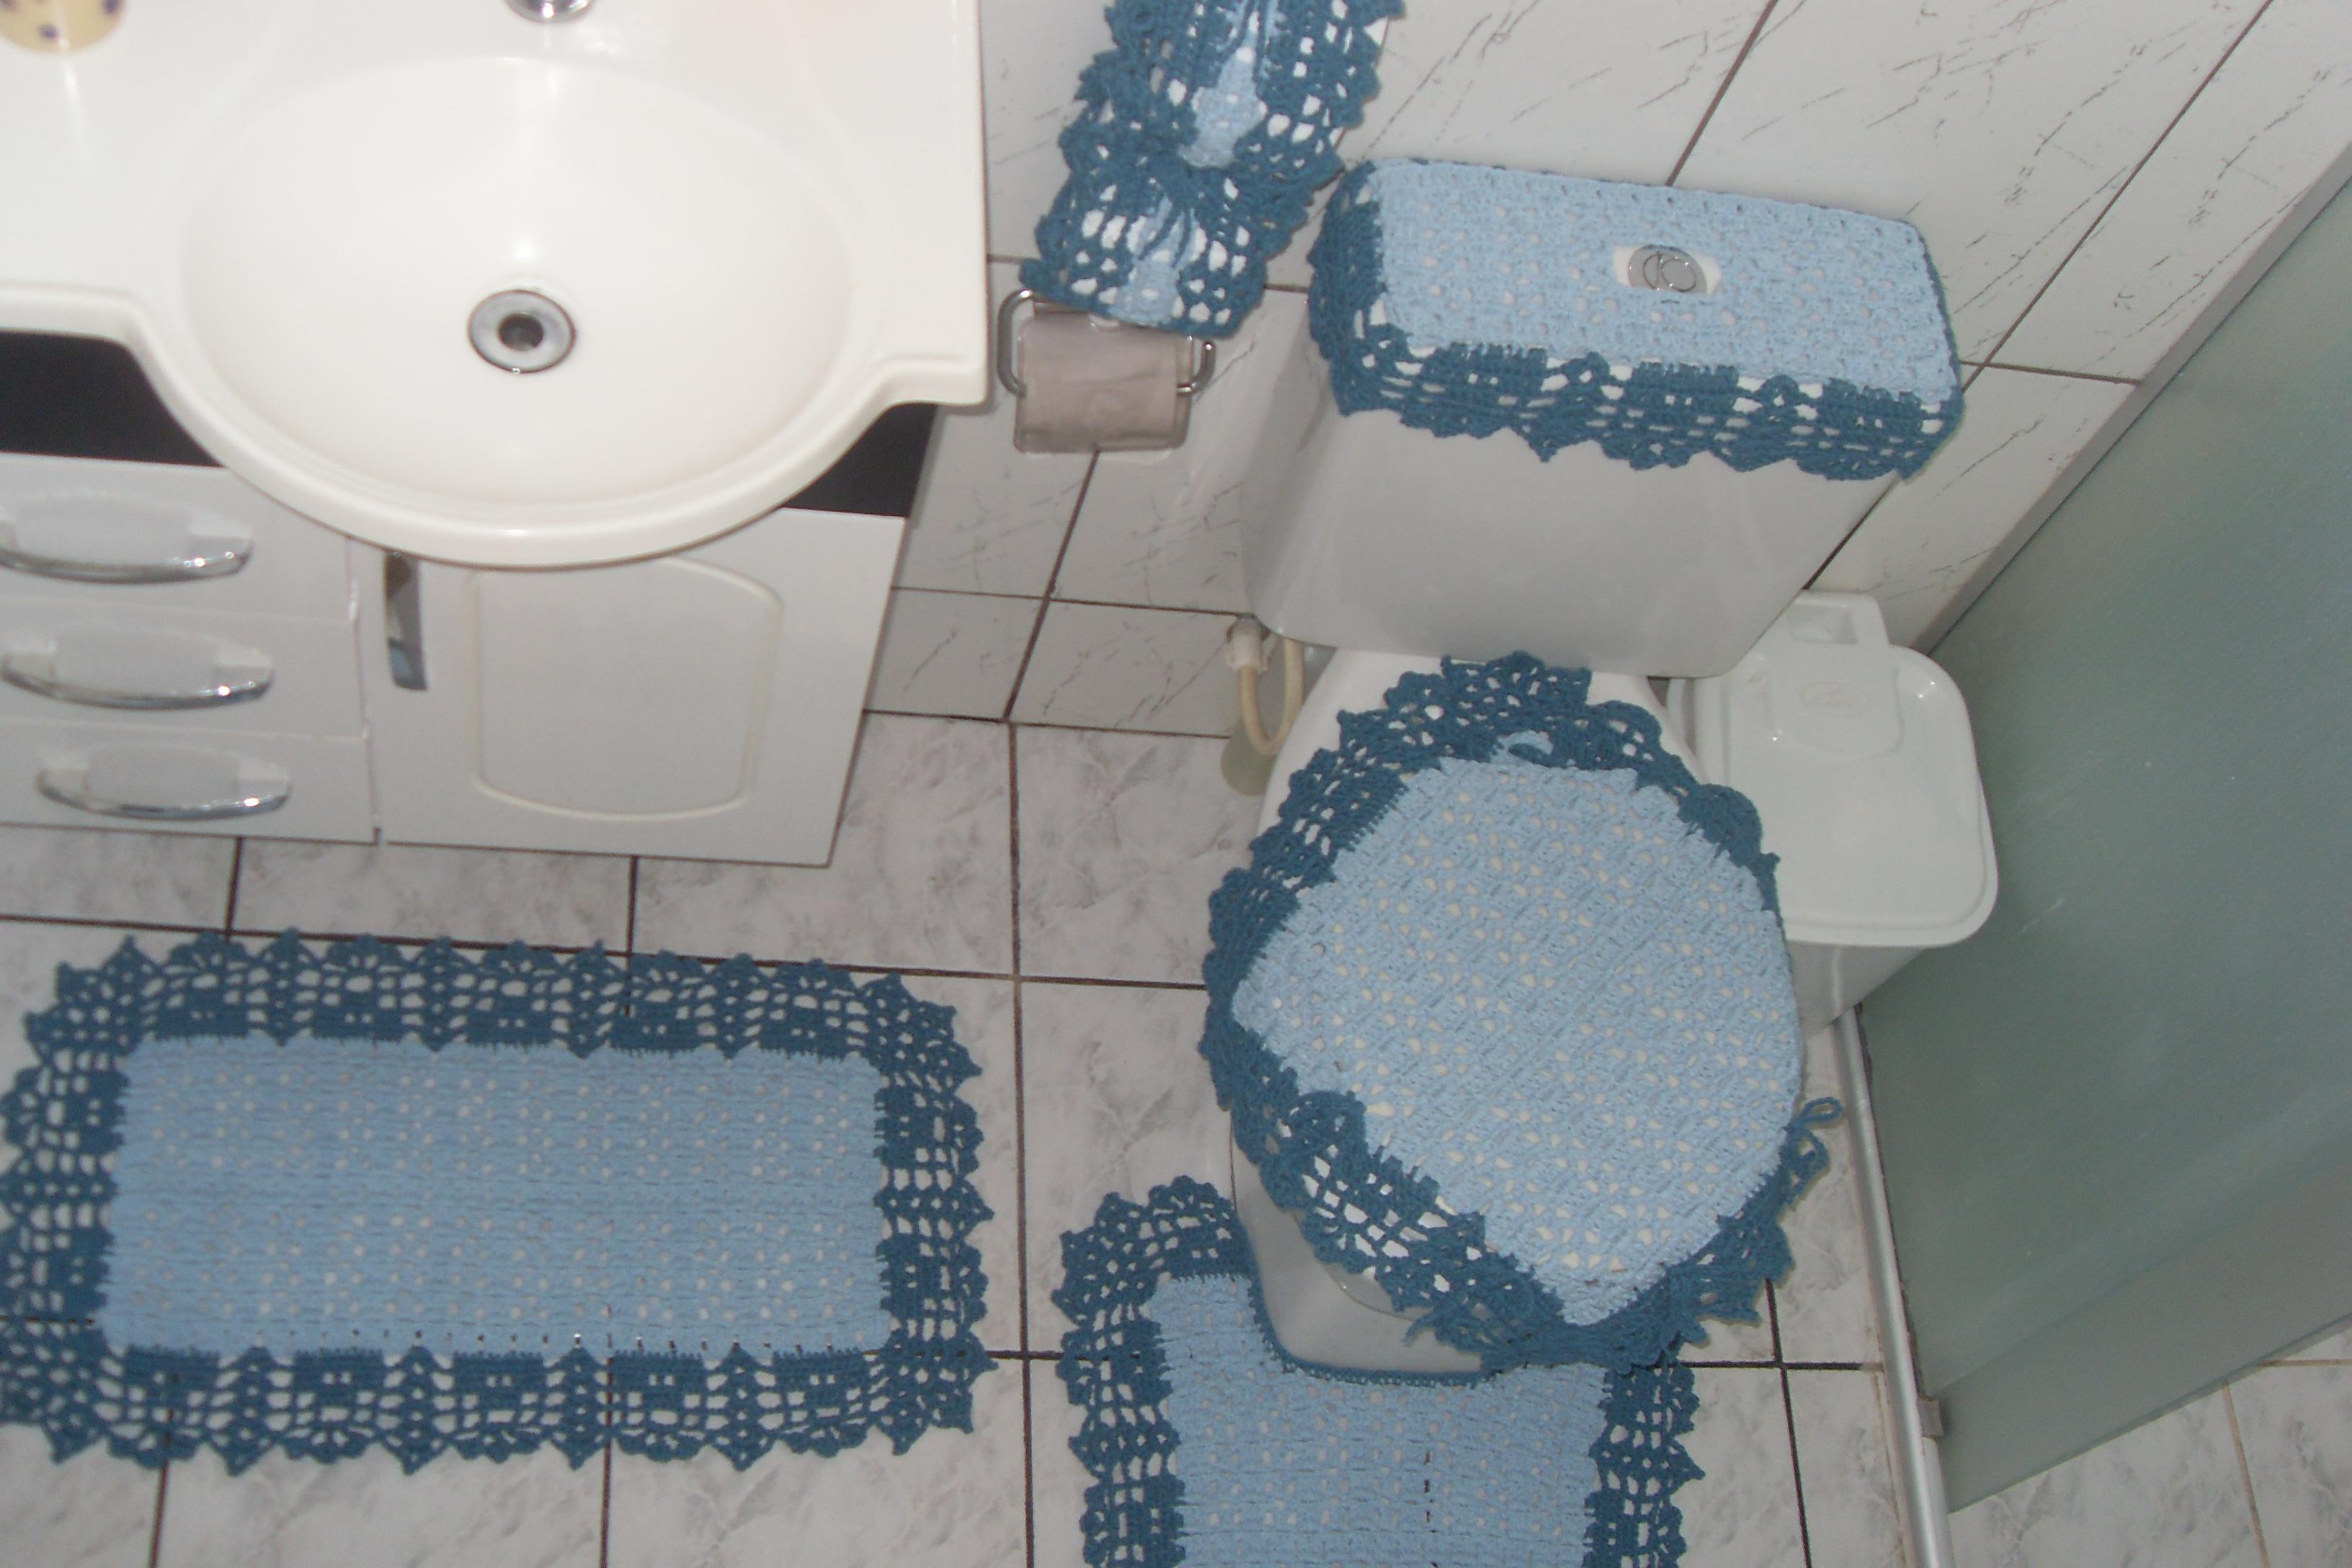 jogo de banheiro azul azul jeans decoracao jogo de banheiro azul azul #354C5D 3264x2176 Banheiro Azul